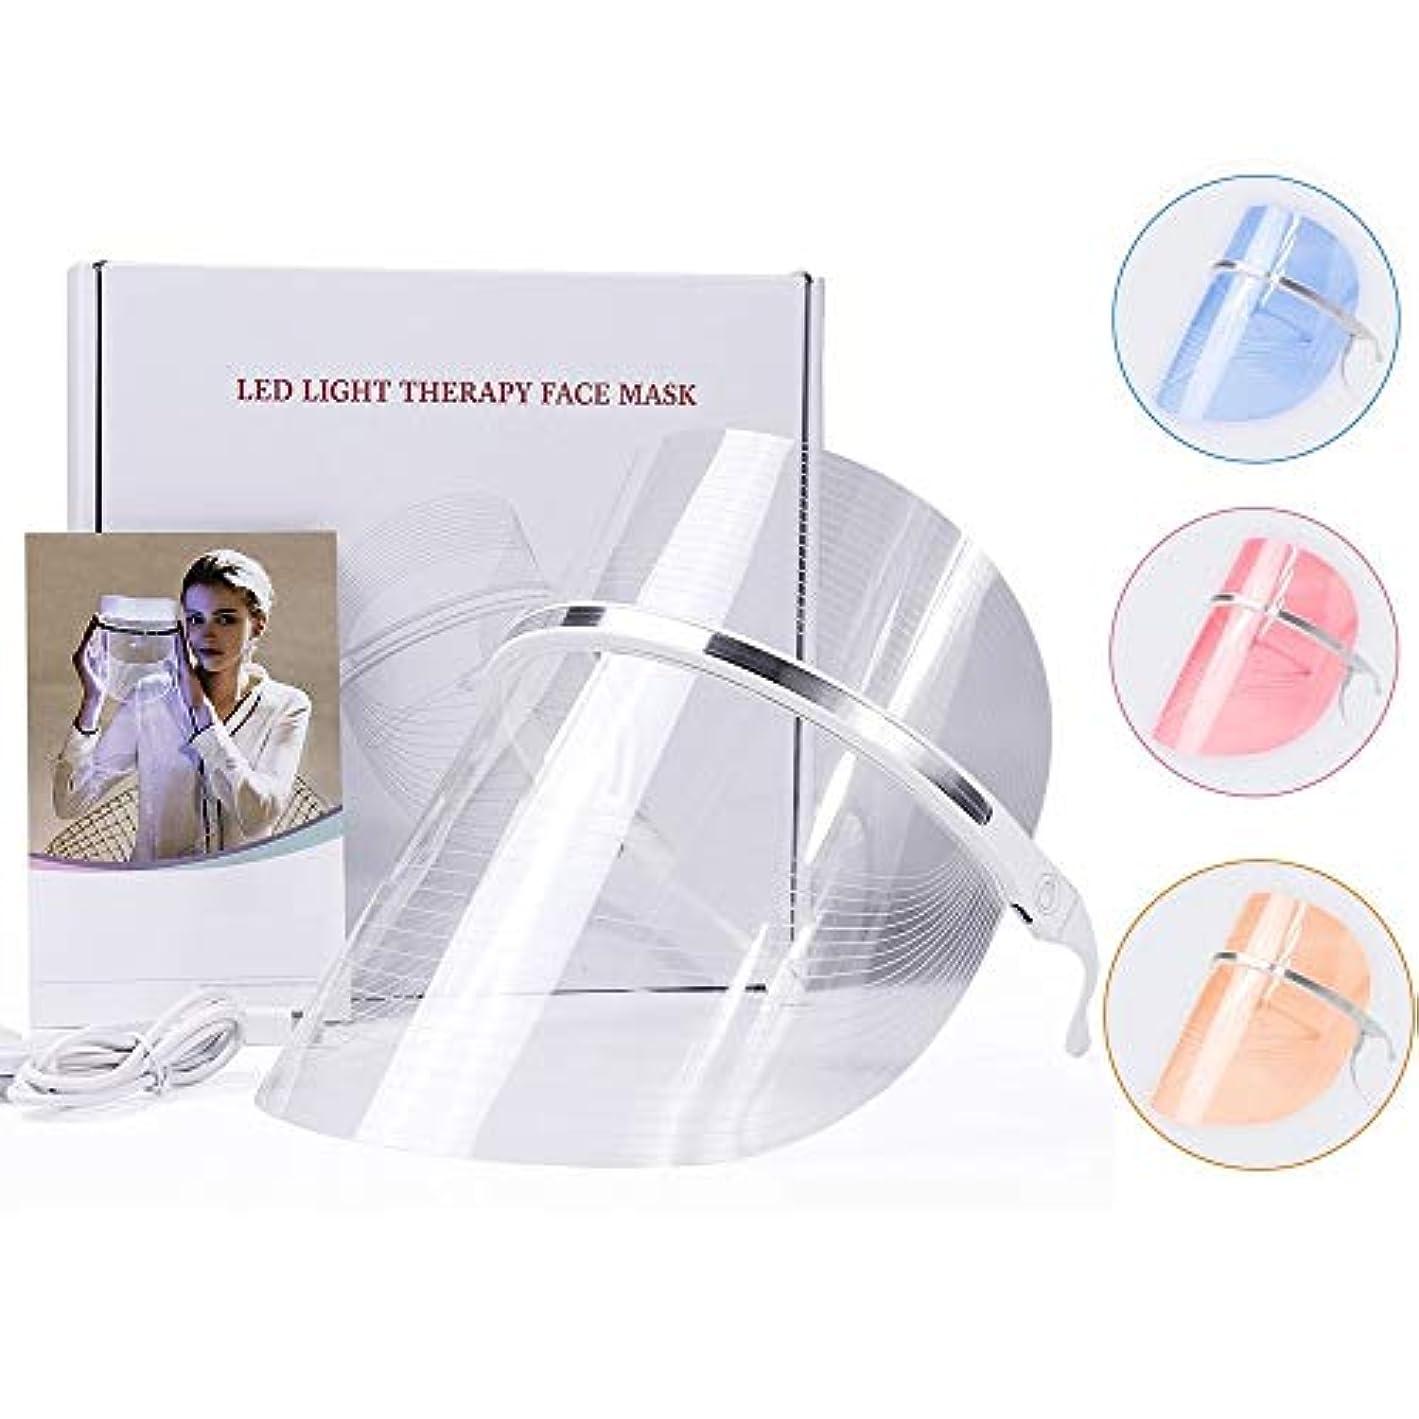 中断打倒抵抗するFacial Mask LED Light 3 Colors Women Beauty Face Care Mask USB Rechargeable Therapy Light Photon Whitening Firming...